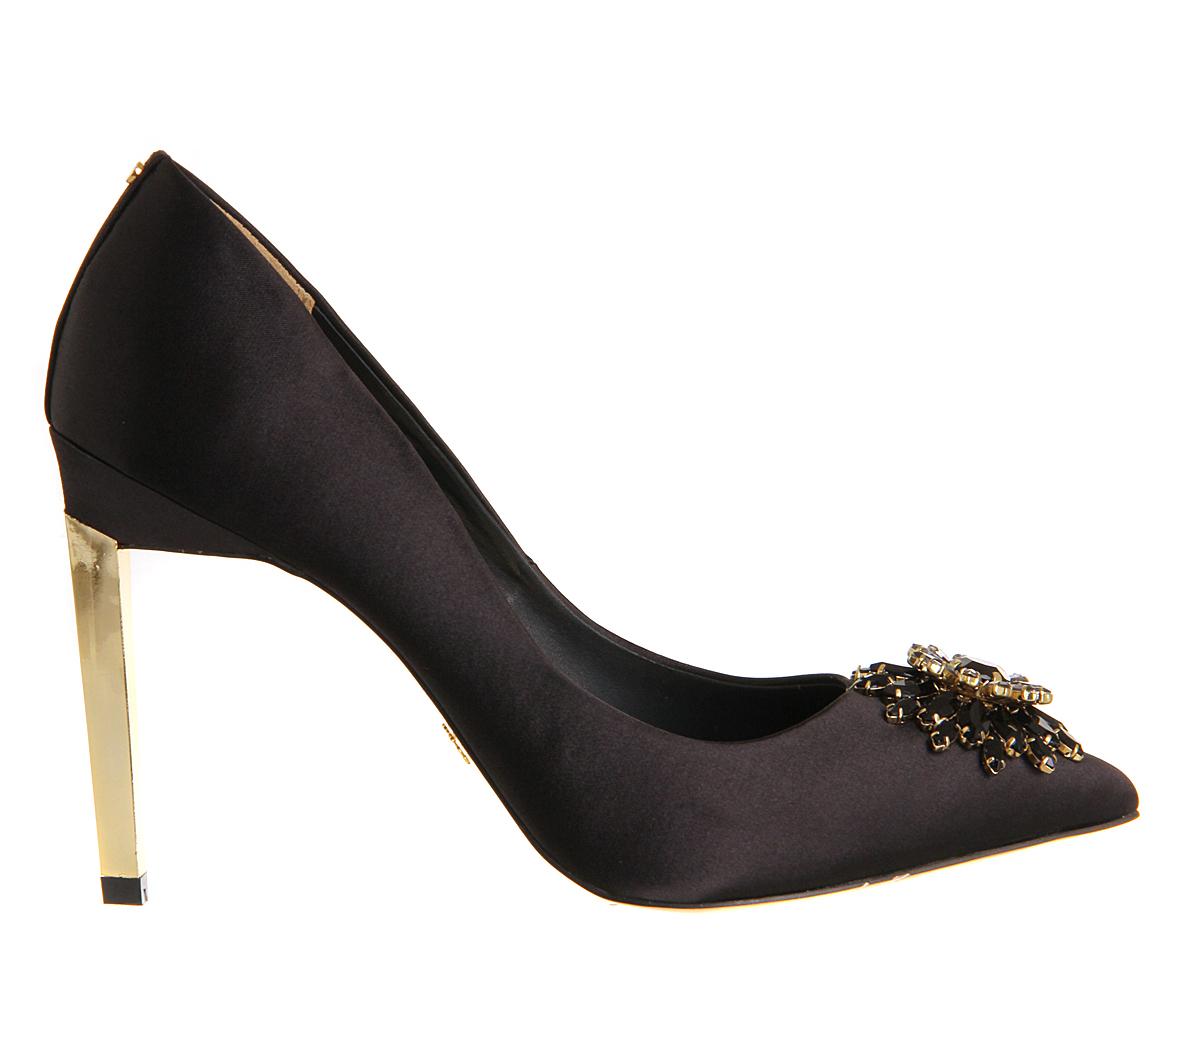 Ted Baker Shoes Online Uk